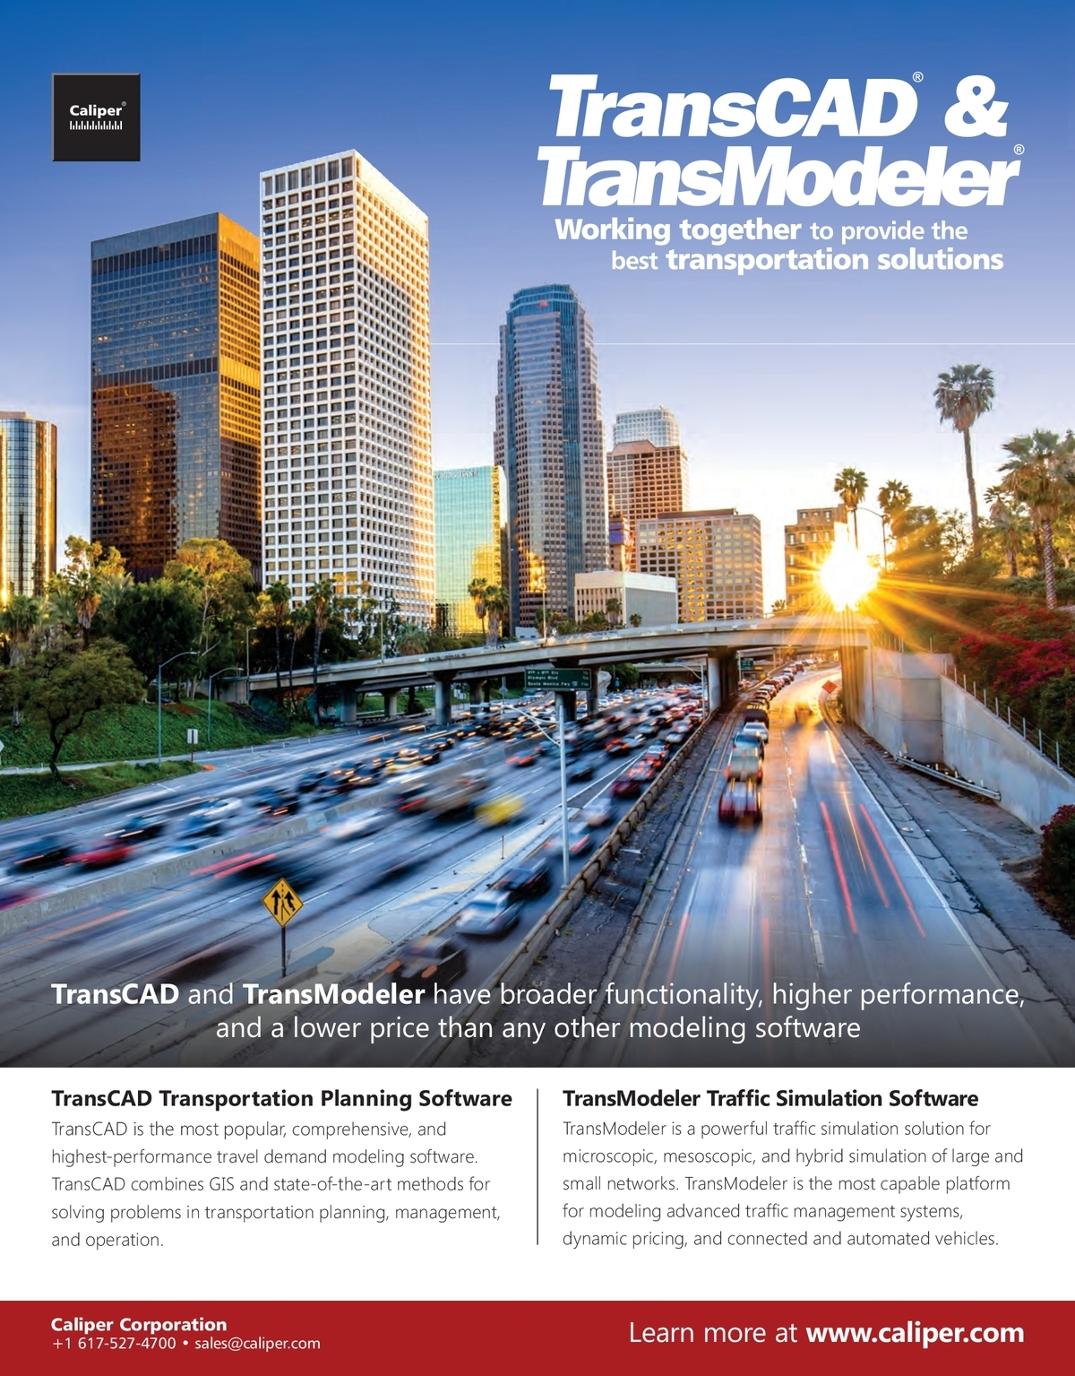 February/March 2018 Traffic Technology International - UKi